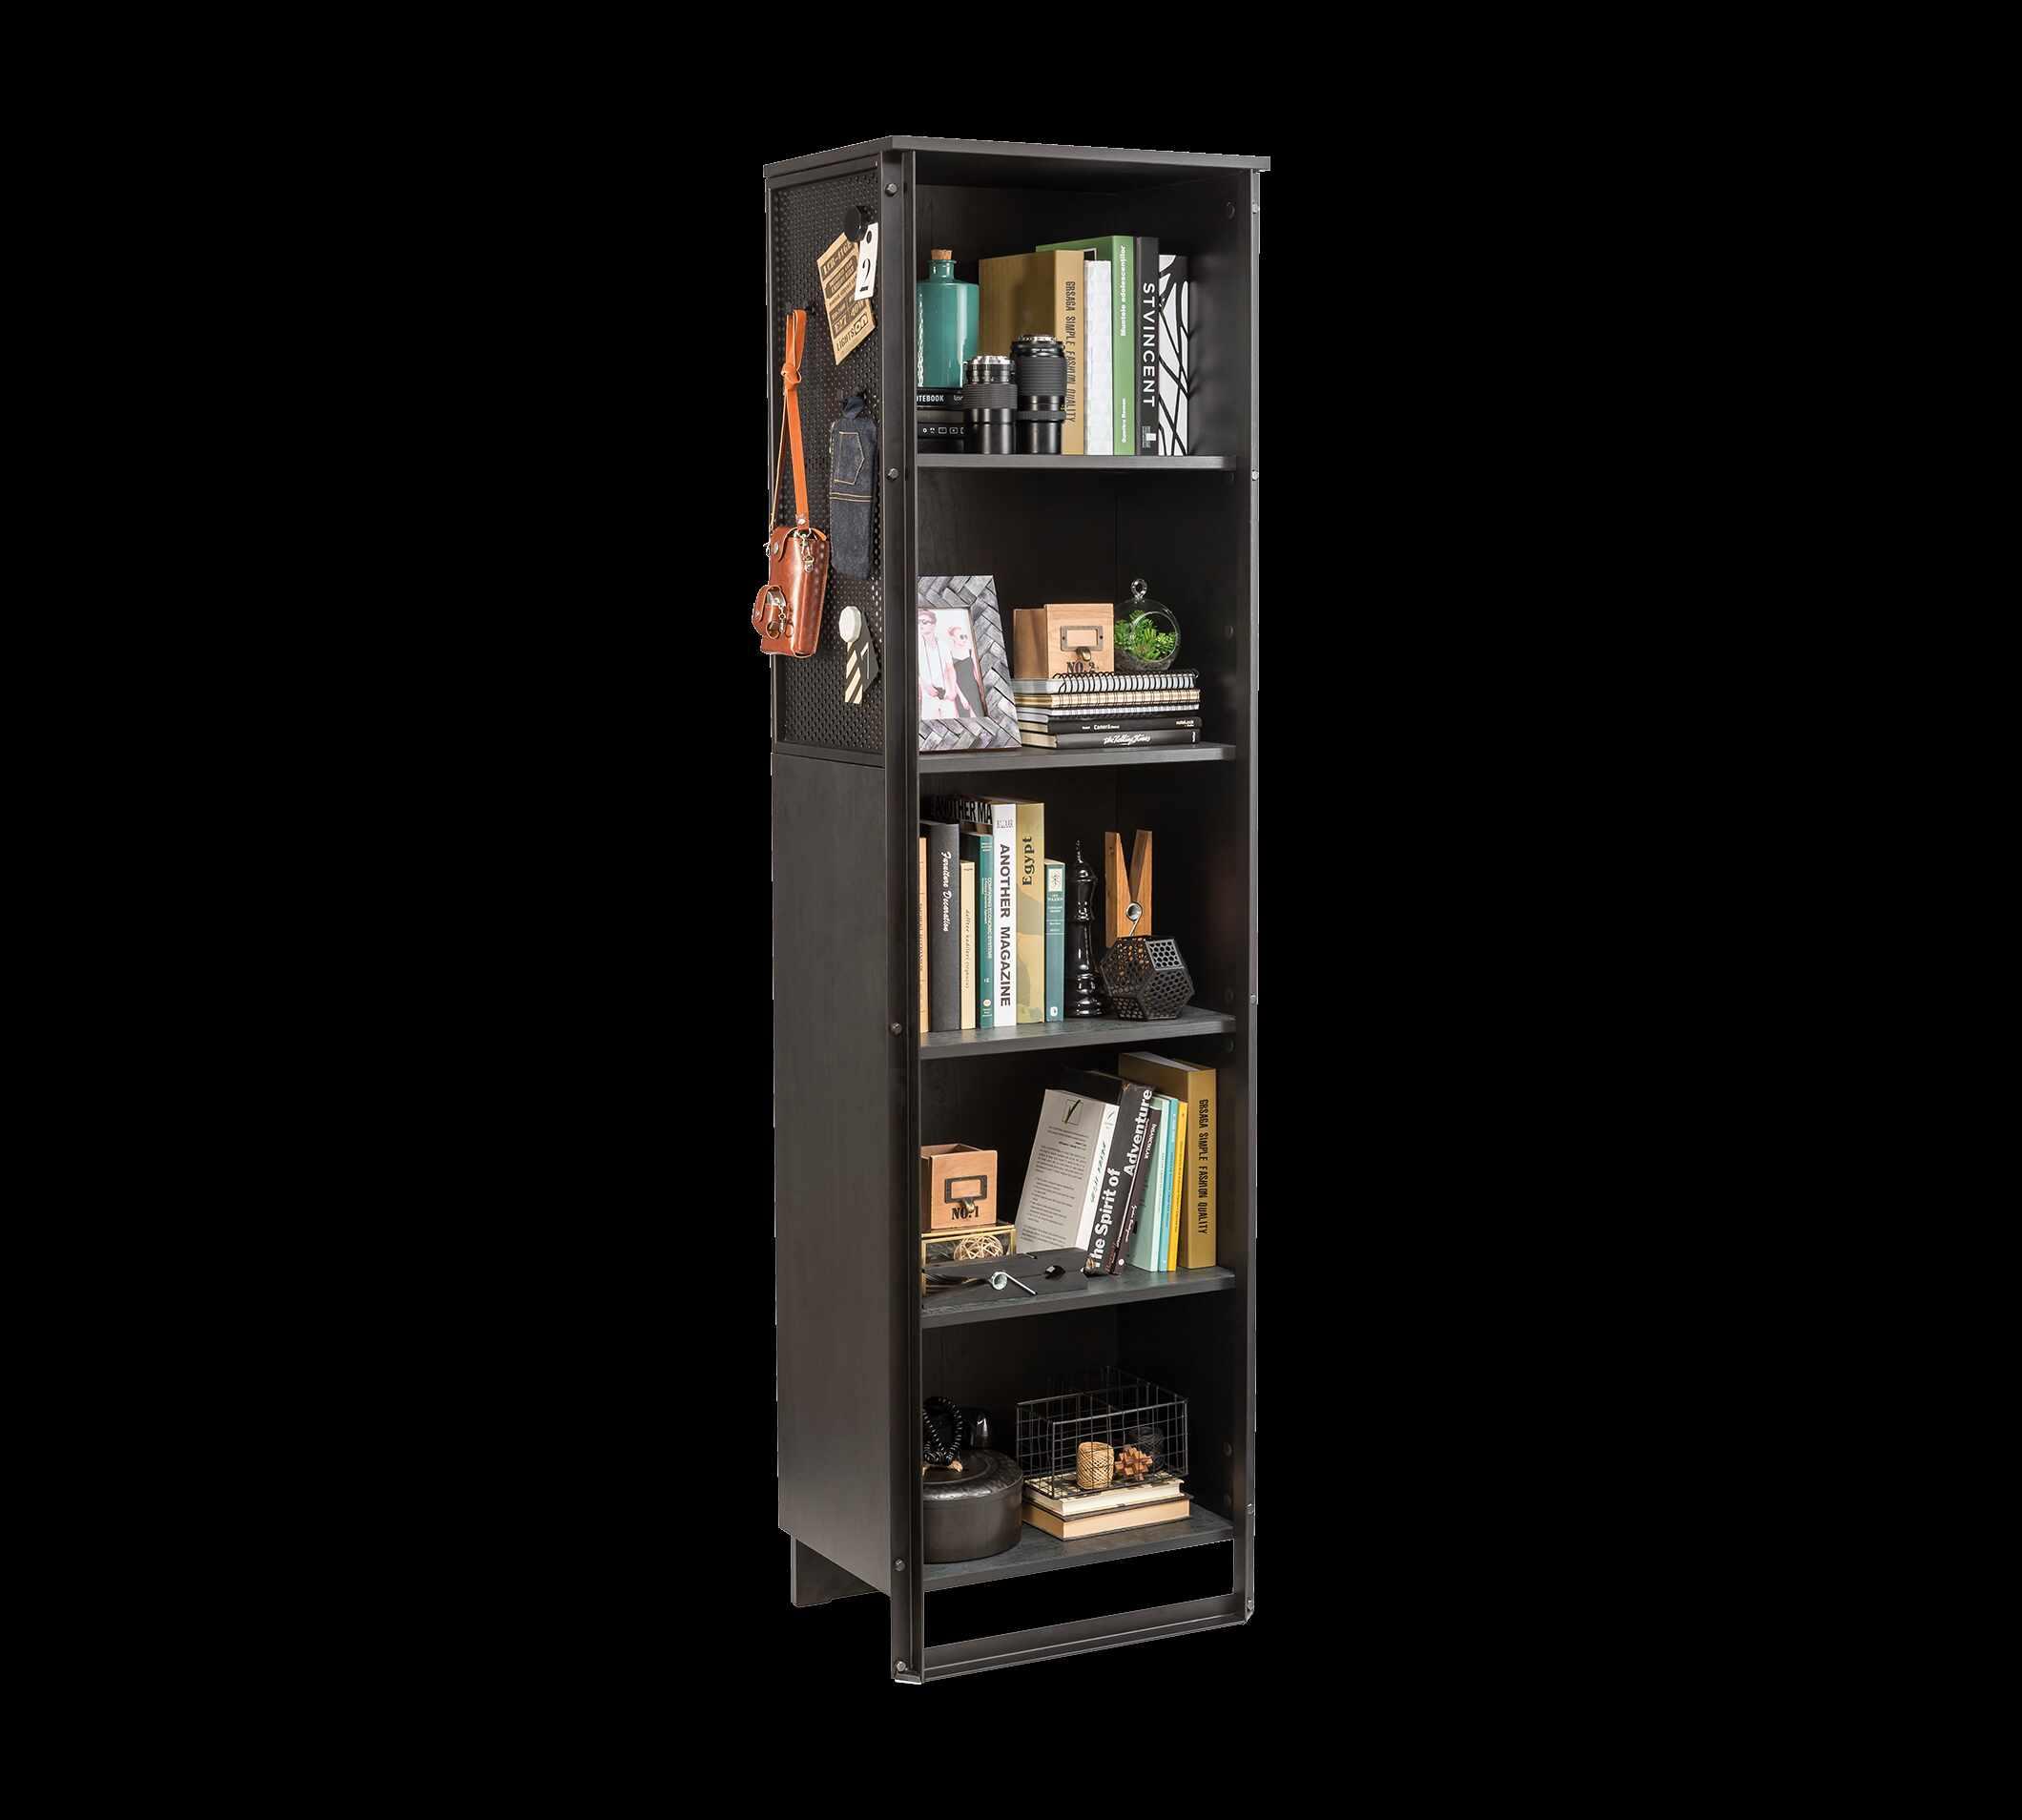 Biblioteca din pal si metal pentru tineret Dark Metal New Black / Graphite, l53xA35xH180 cm la pret 963 lei